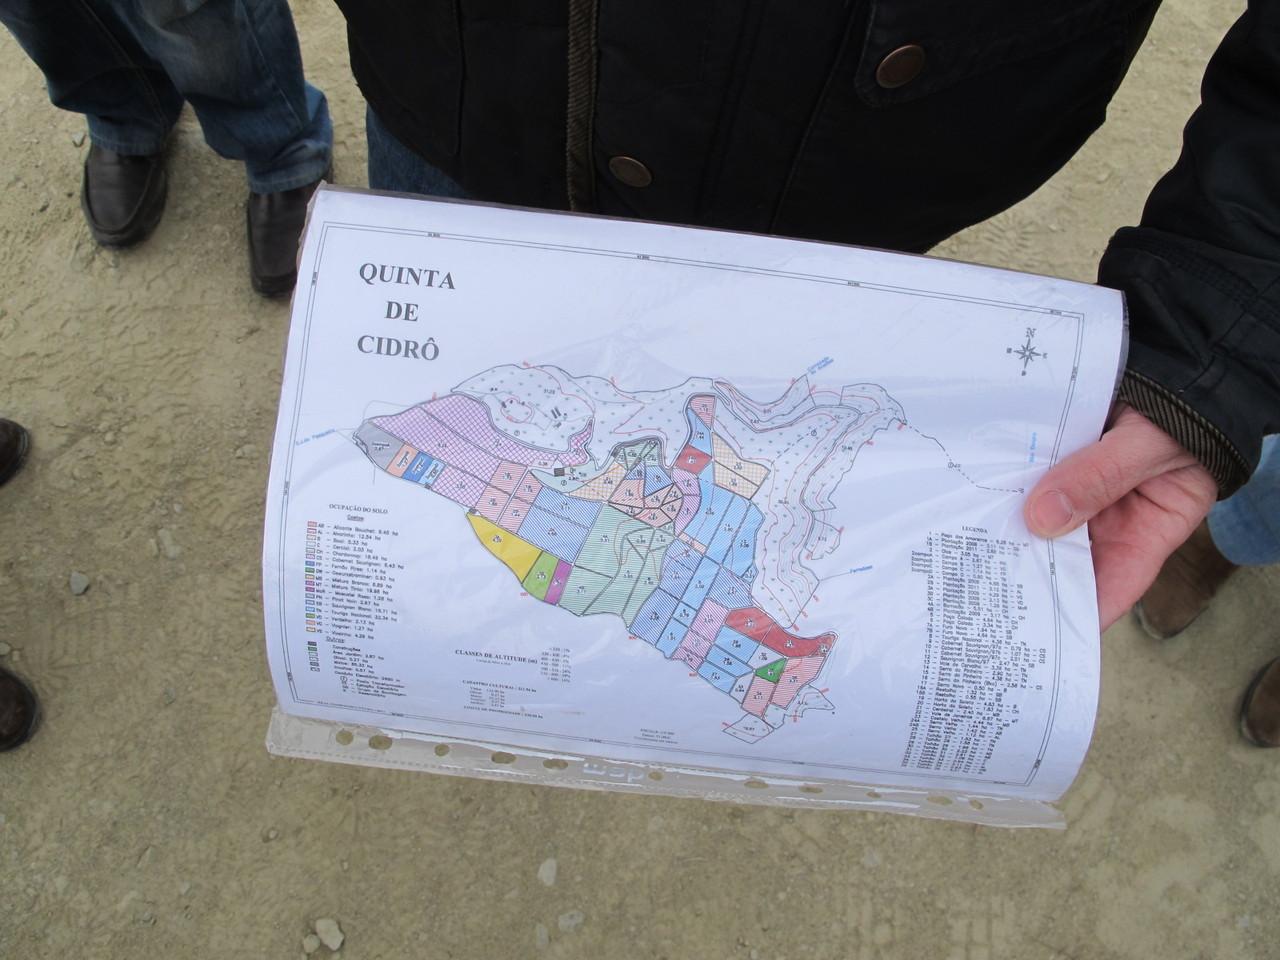 O mapa da quinta